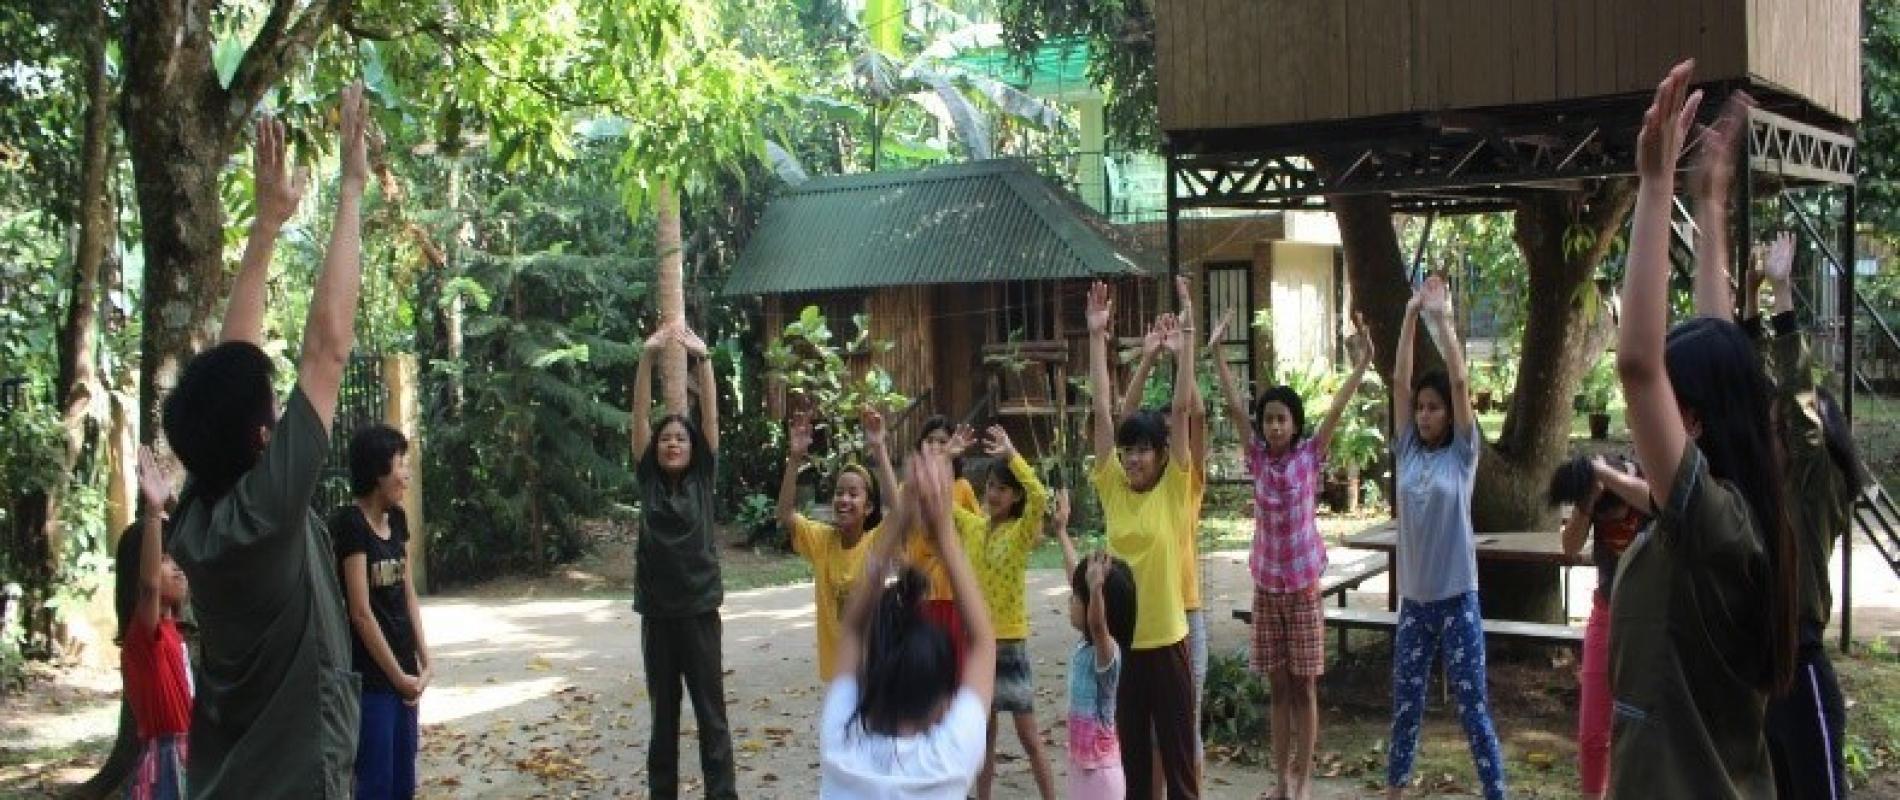 Op een spelende manier krijgen de kinderen psychotherapie om het seksueel misbruik te verwerken.